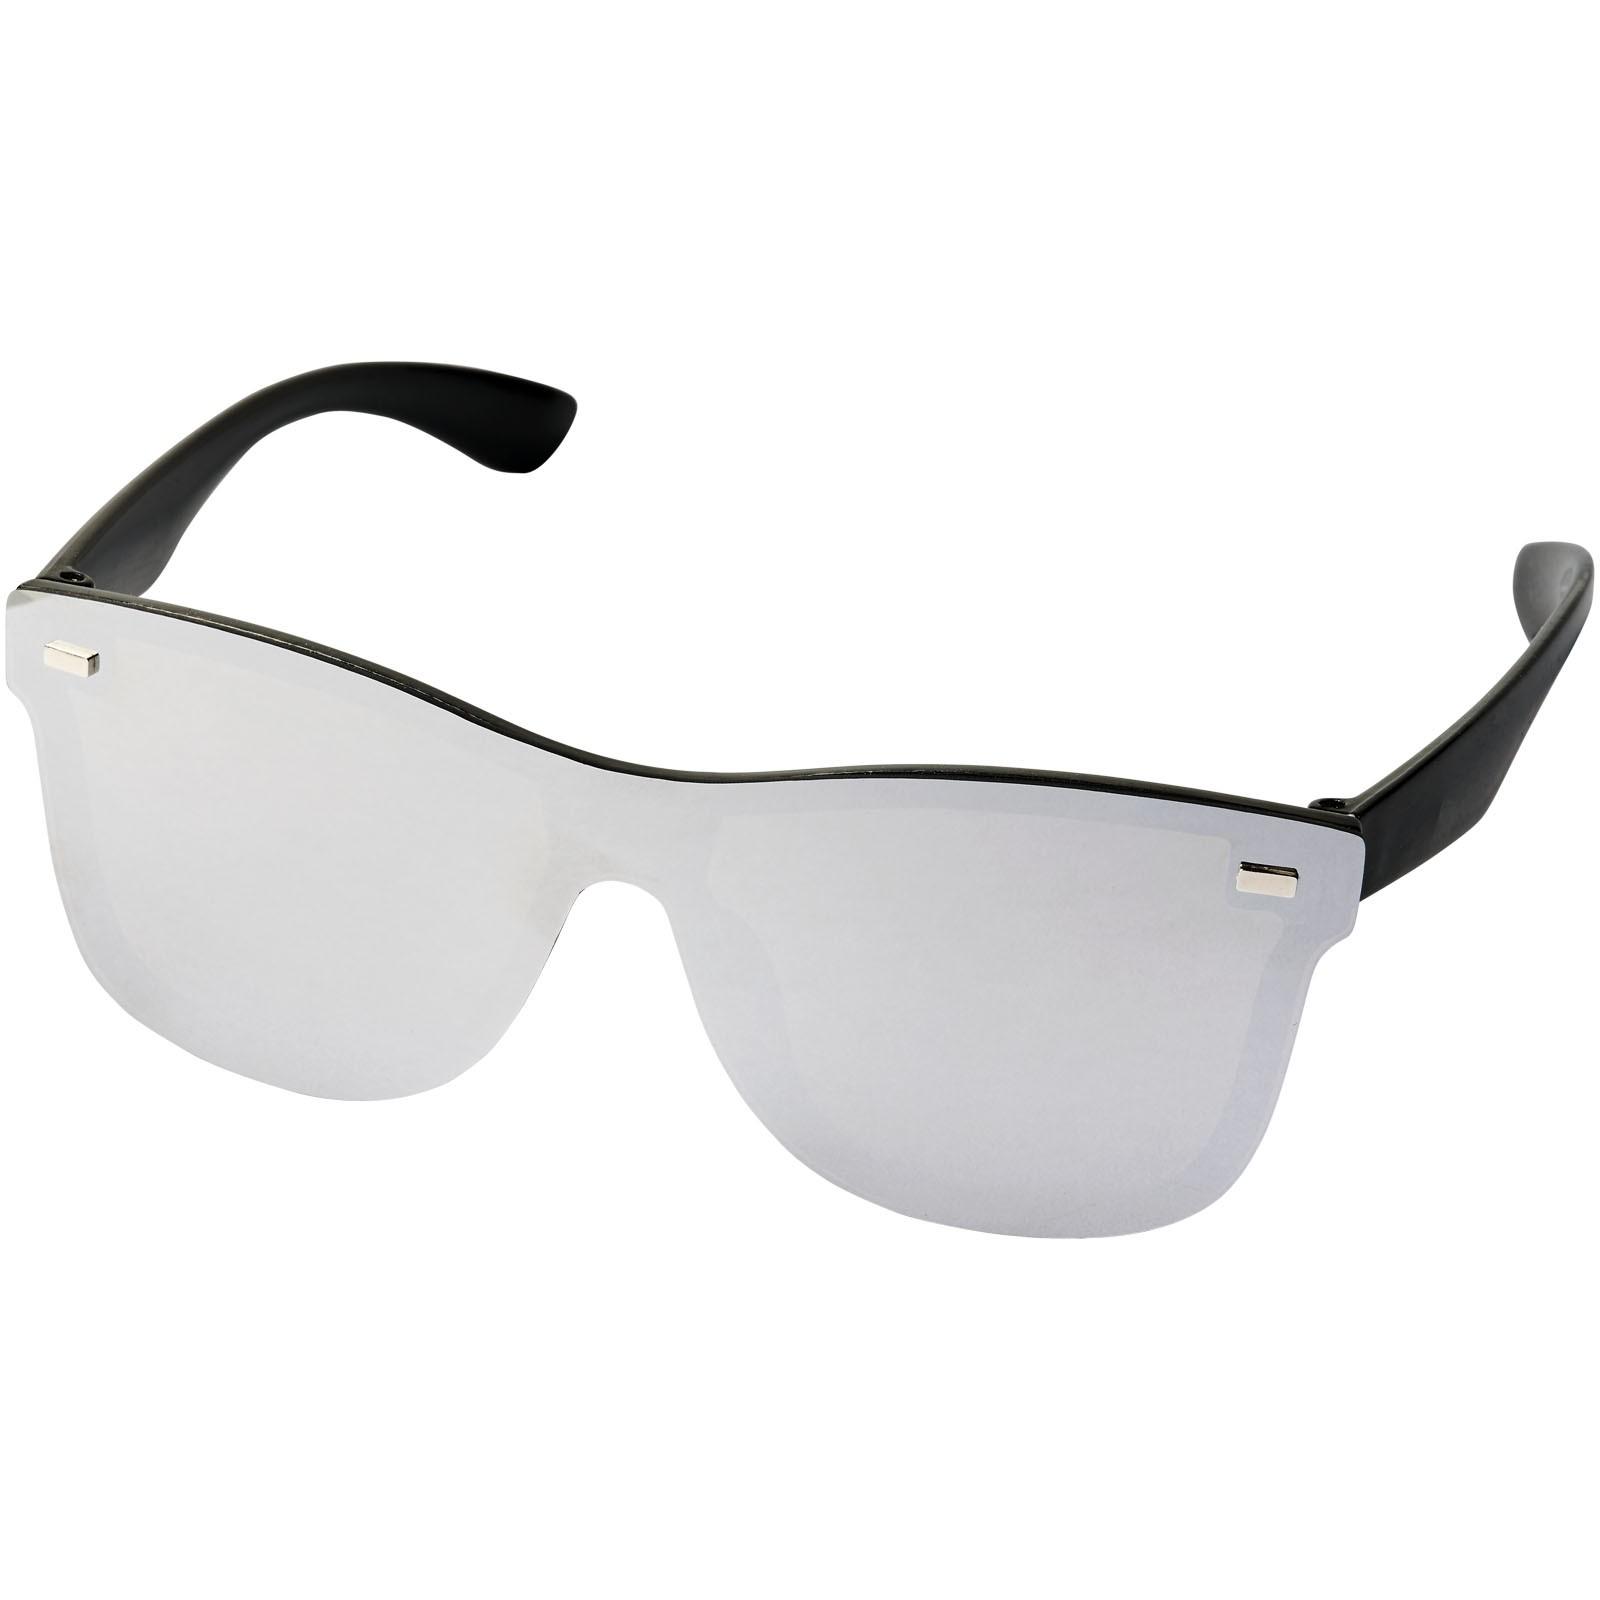 Sluneční brýle Shield se zrcadlovými sklíčky - Stříbrný